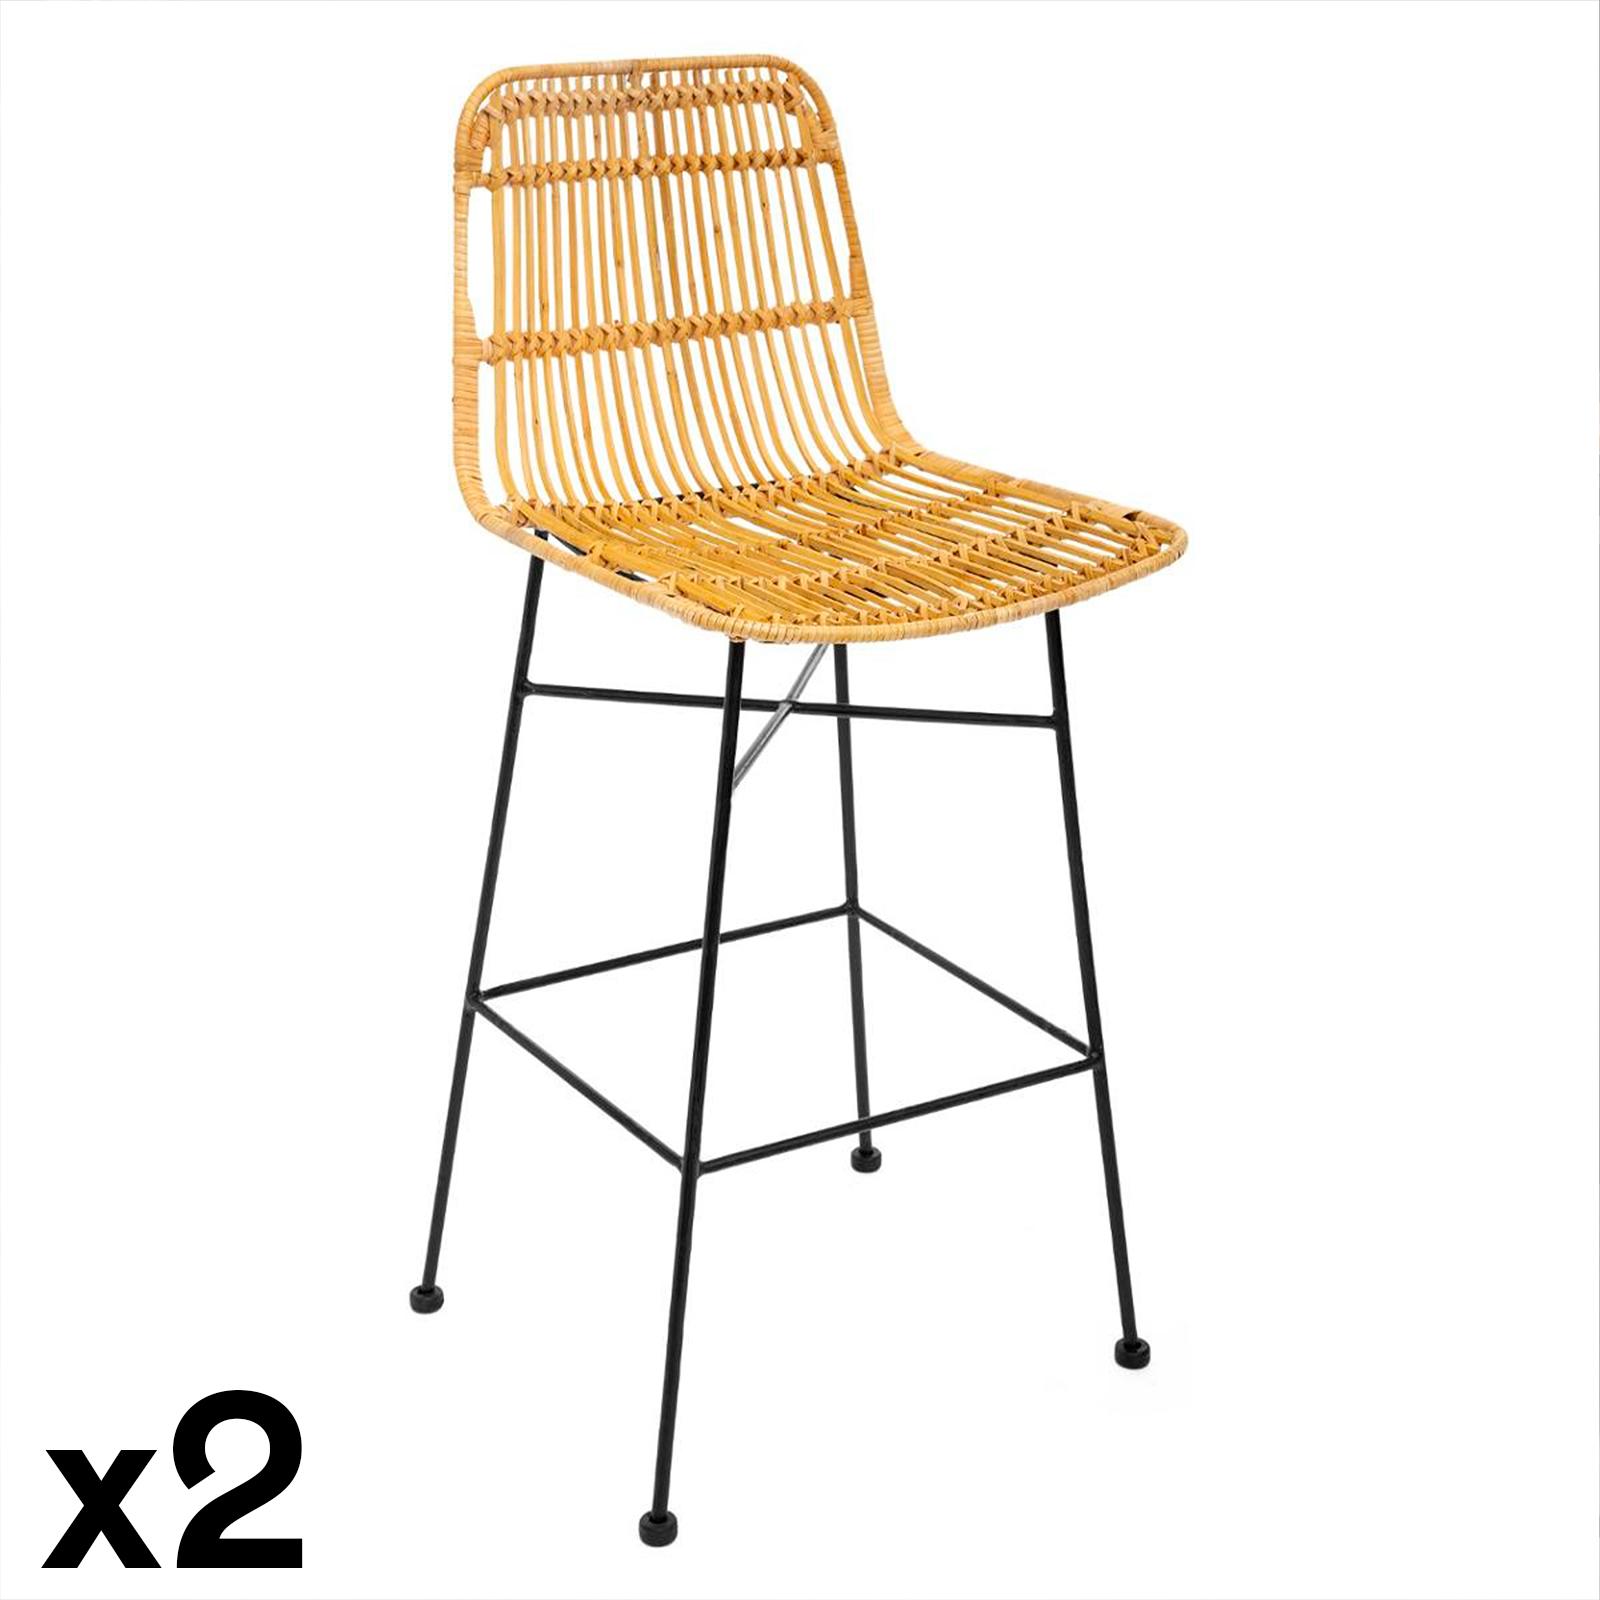 chaise de bar en rotin kubu lot de 2